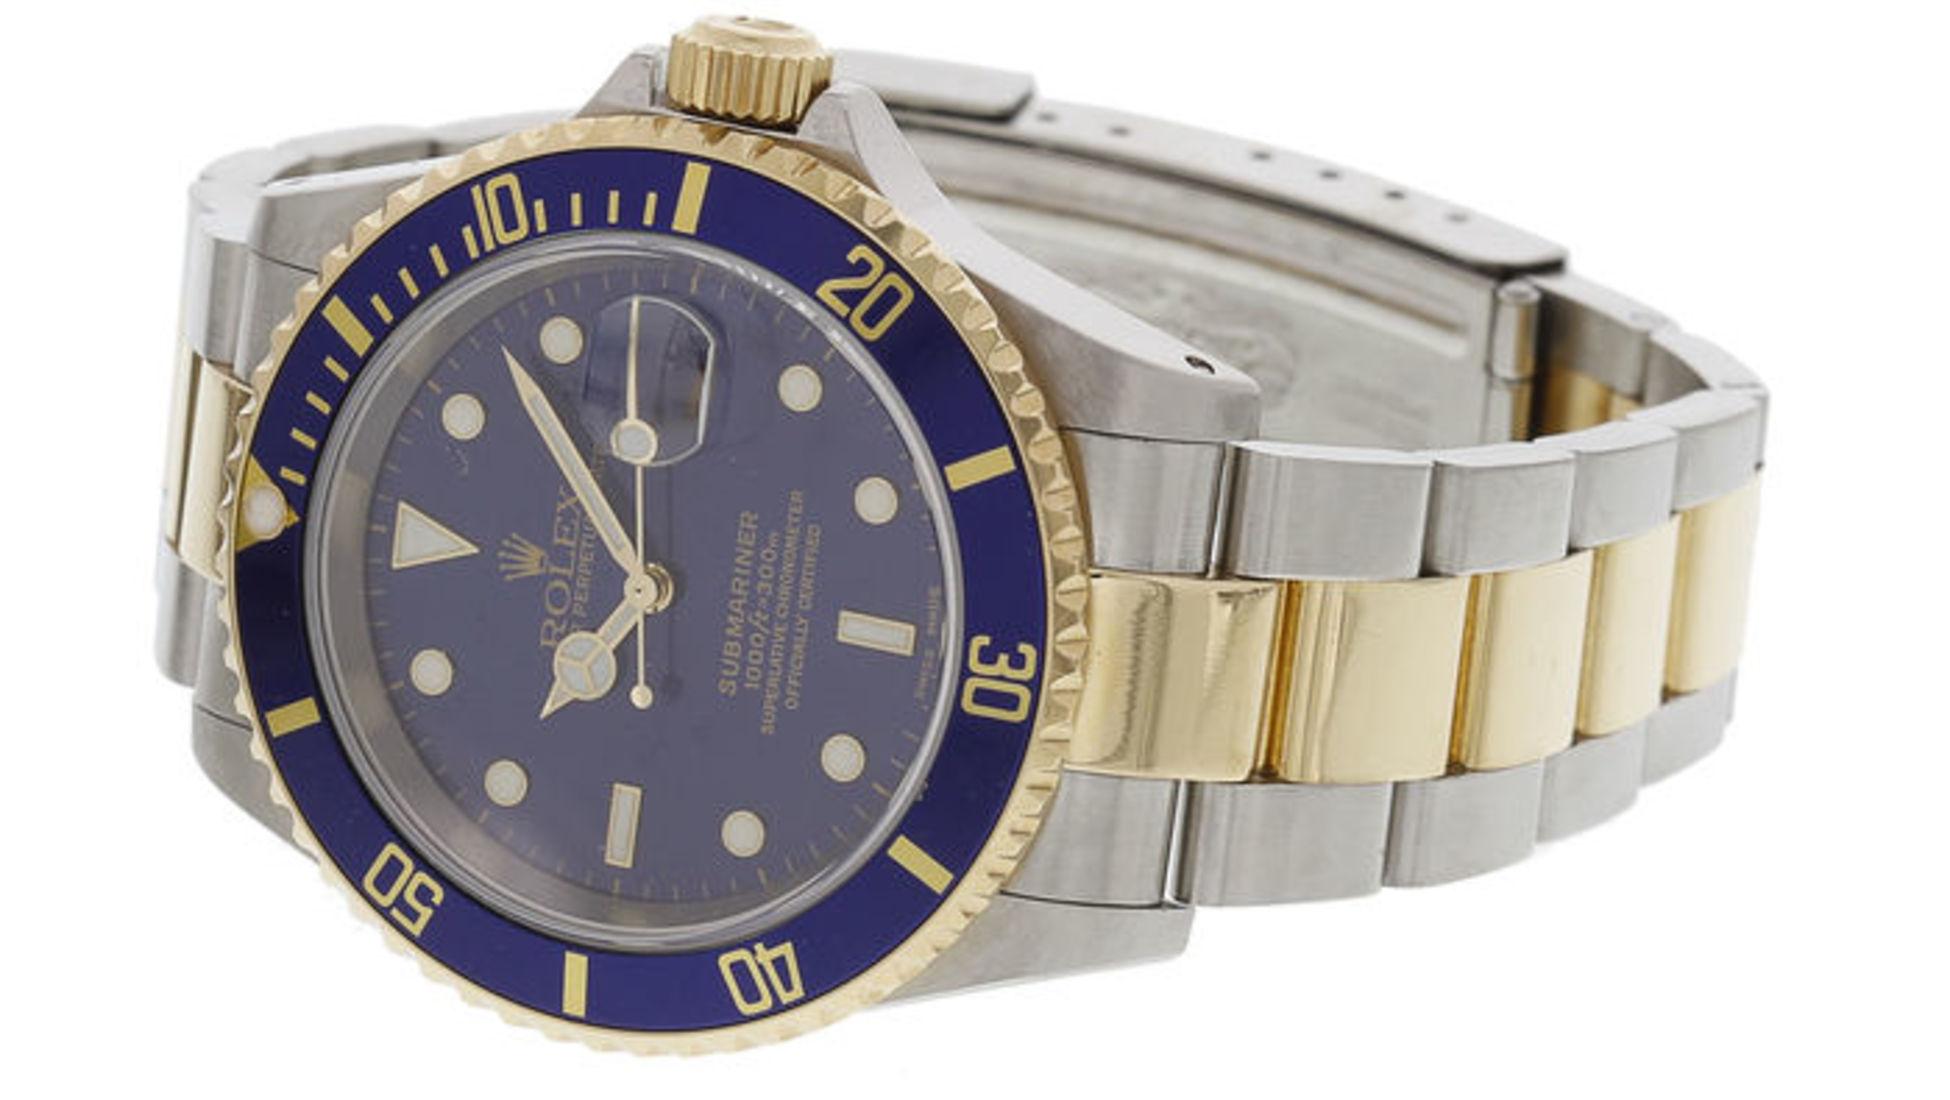 5319f68d09f Comprar barato e vender caro. Mas visto que será extremamente raro  conseguir comprar um Rolex